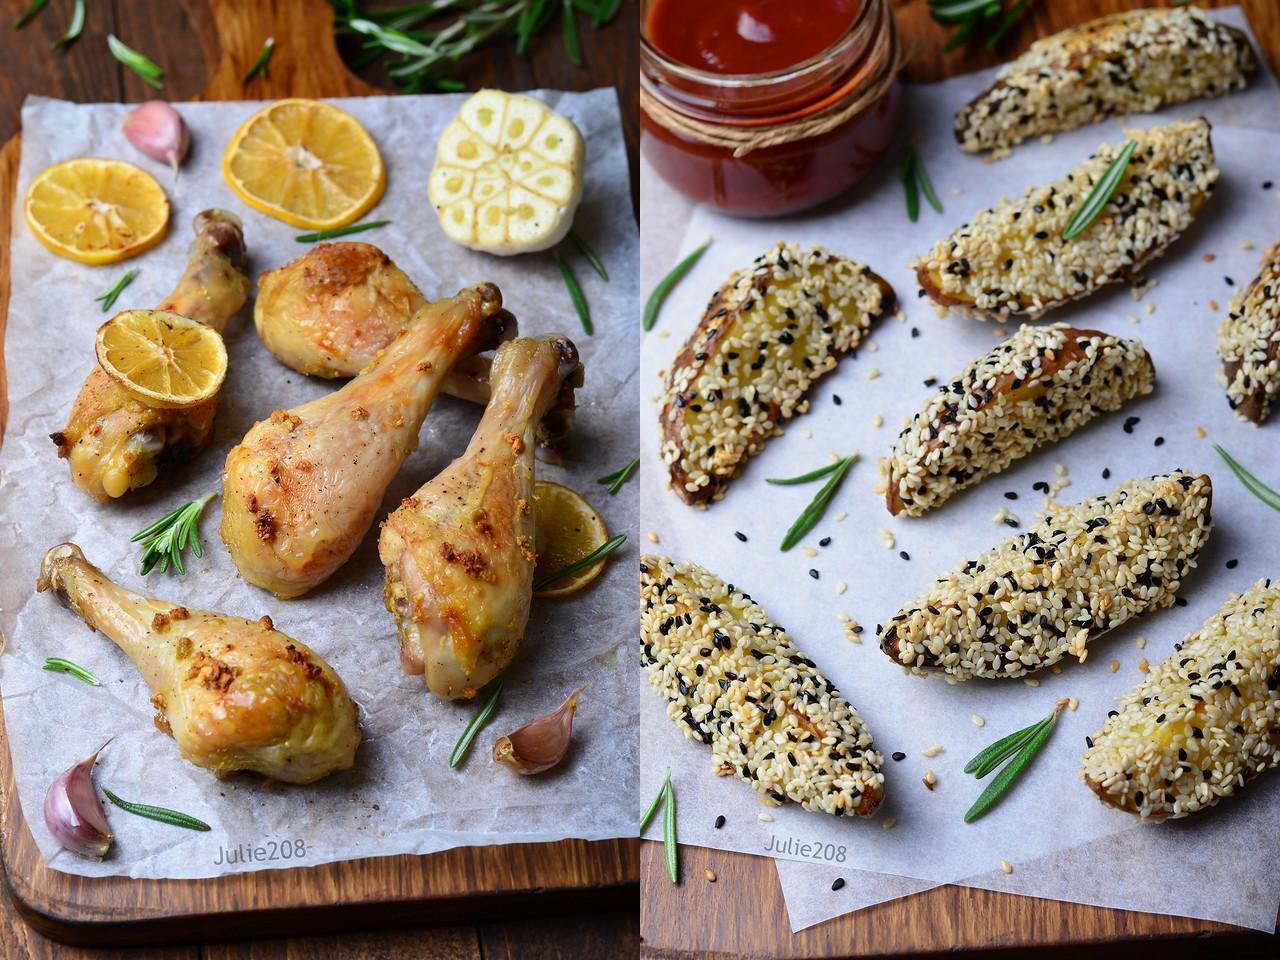 Куриные ножки с лимоном и чесноком и картофель в кунжутной панировке